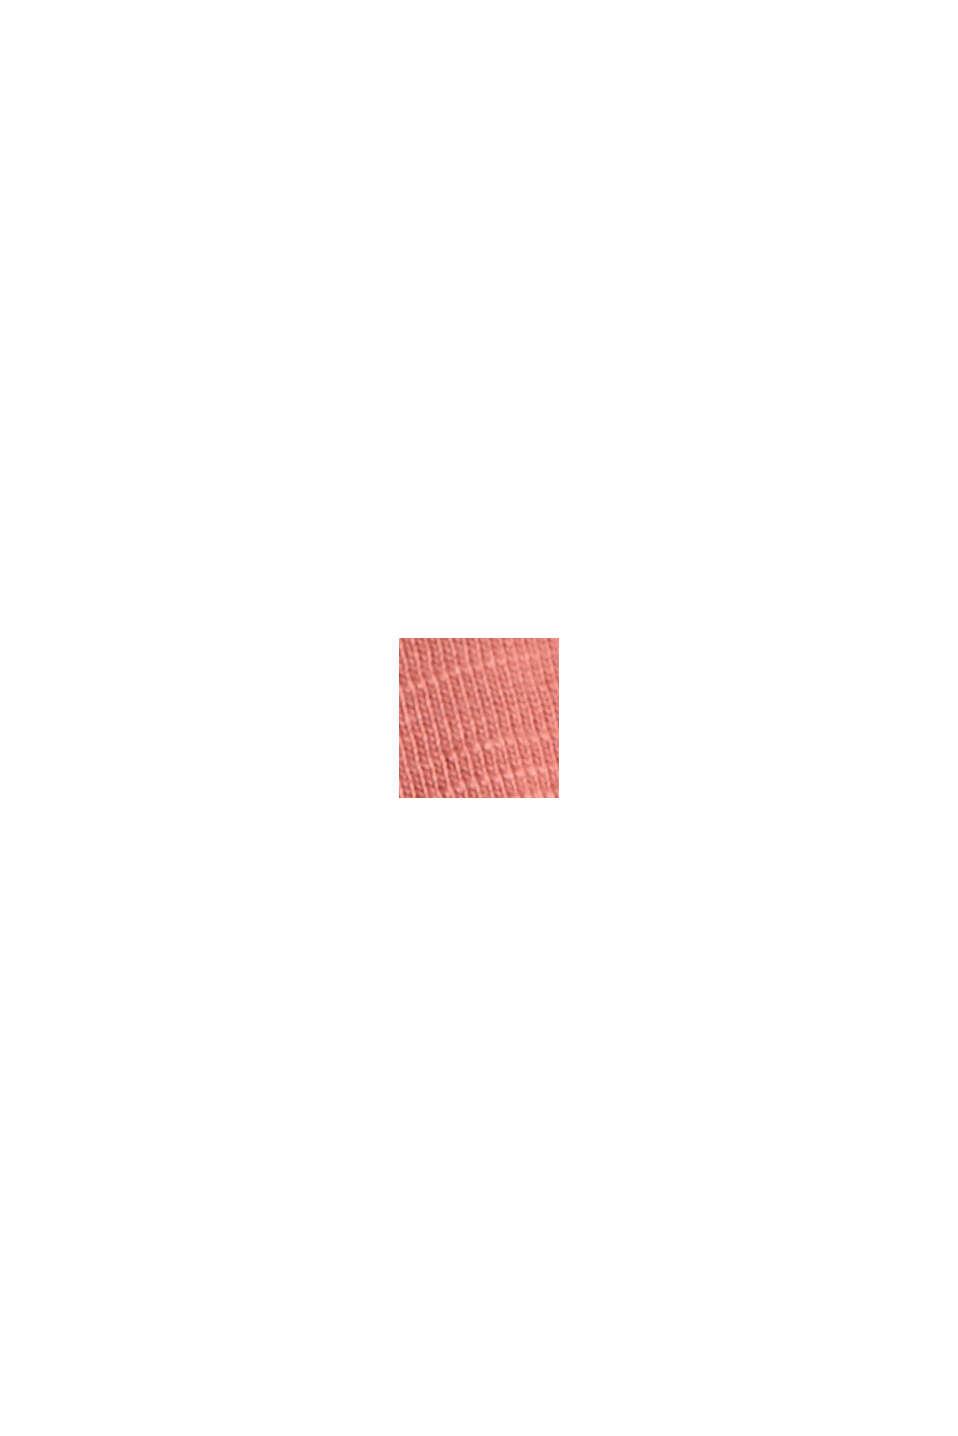 Camiseta con diseño de capas, mezcla de algodón ecológico, BLUSH, swatch